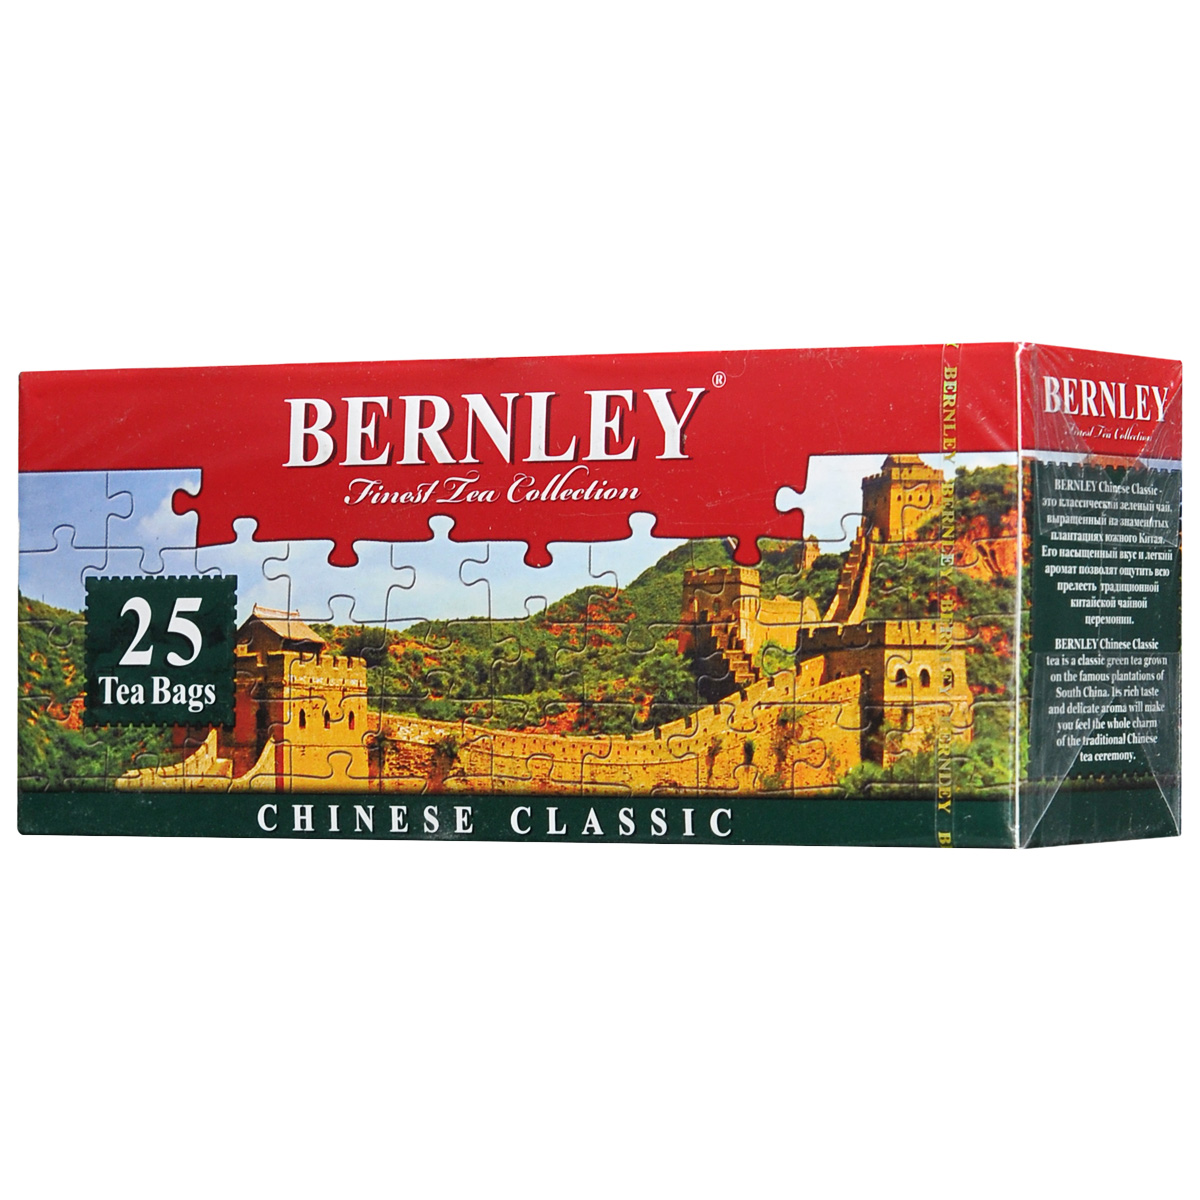 Bernley Chinese Classic зеленый чай в пакетиках, 25 шт1070042Классический зеленый чай Bernley Chinese Classic высшего качества - великолепный пример ни с чем не сравнимой классики всемирно известных традиционных зеленых китайских чаев с терпким, слегка вяжущим вкусом, удивительно тонким ароматом и красивым прозрачно-янтарным настоем.